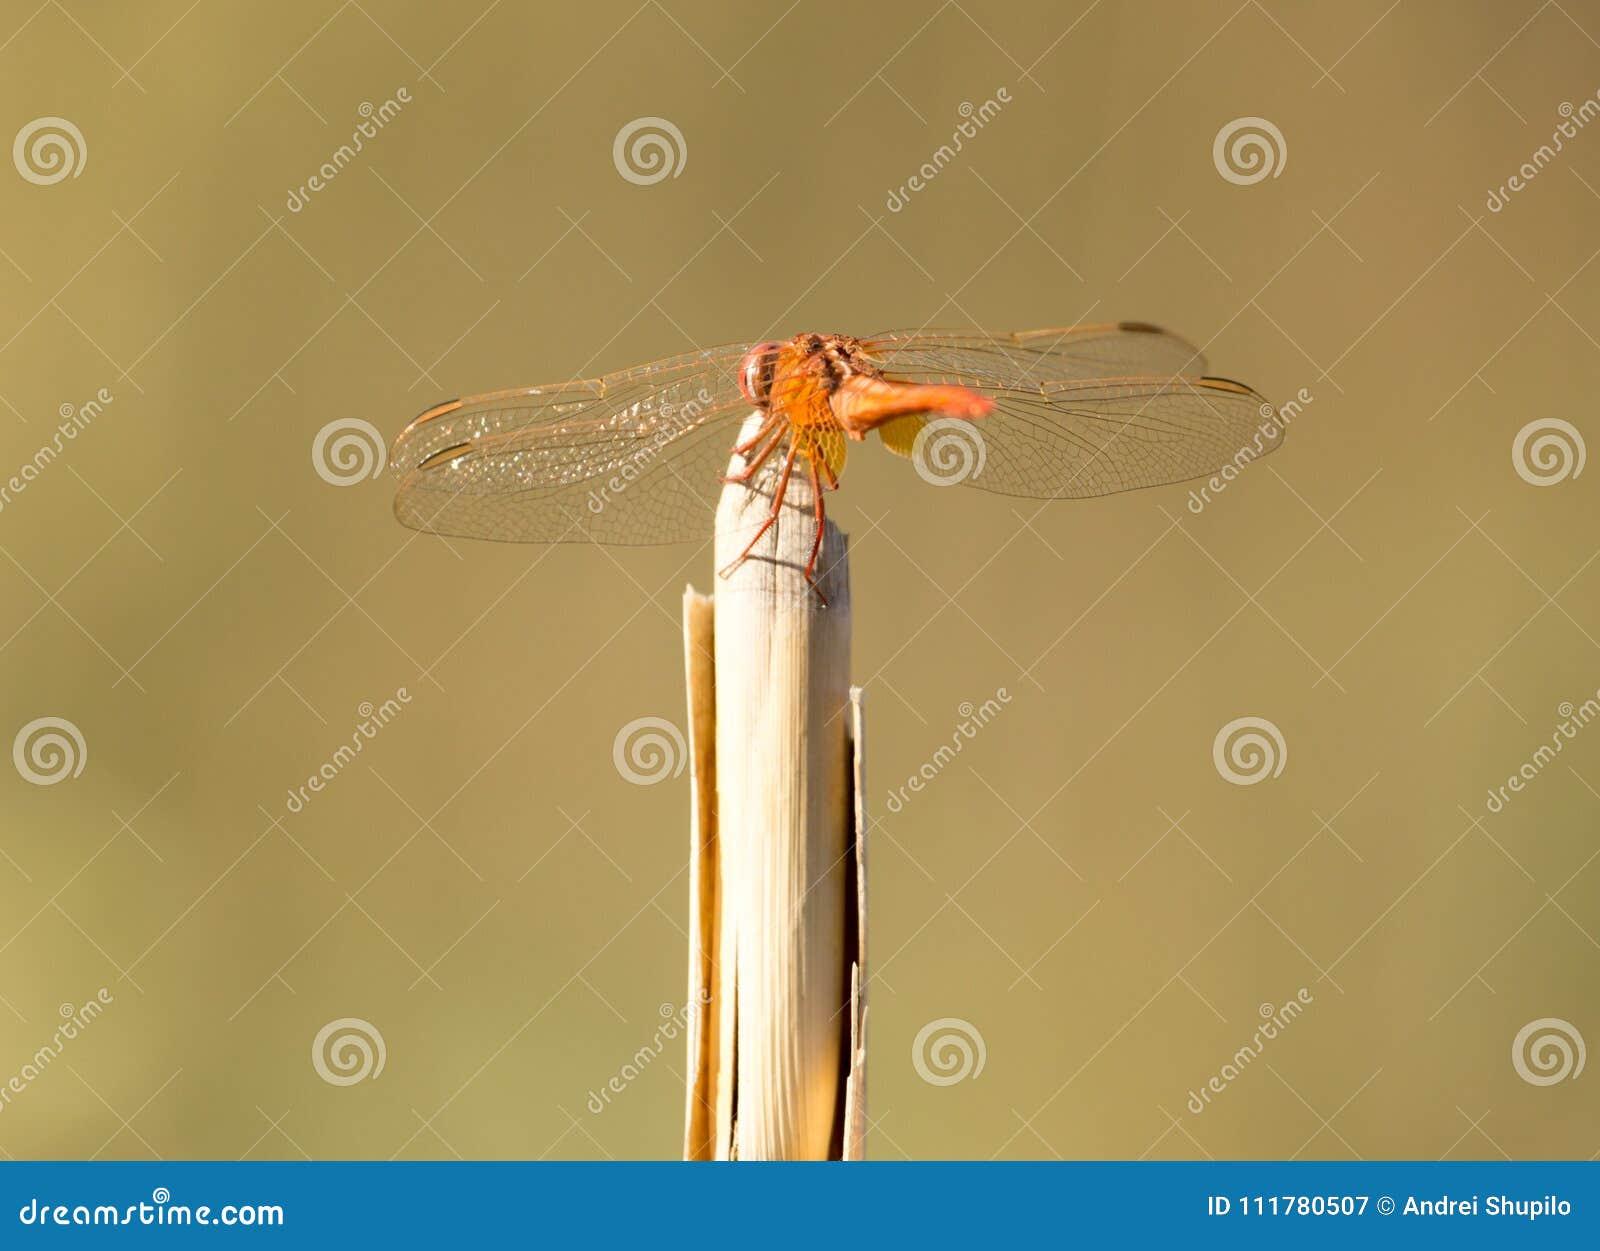 Libellule sur un bâton dehors